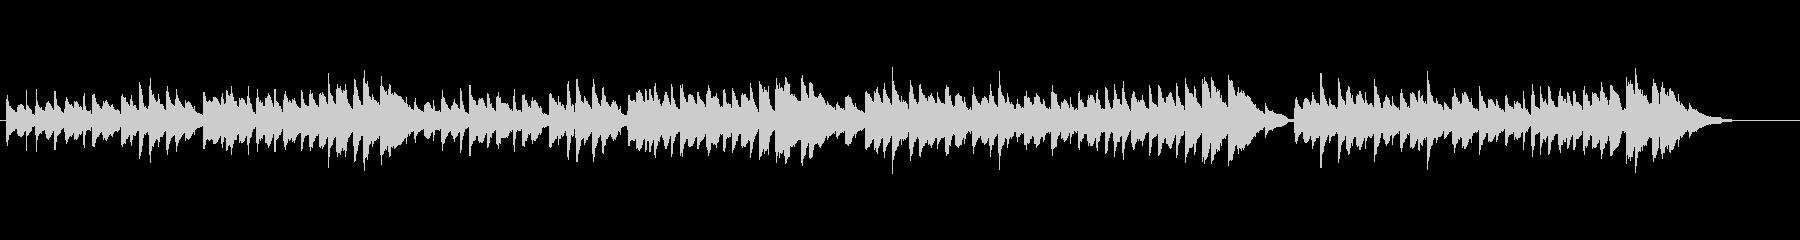 クラシックピアノ、チェルニーNo.5の未再生の波形